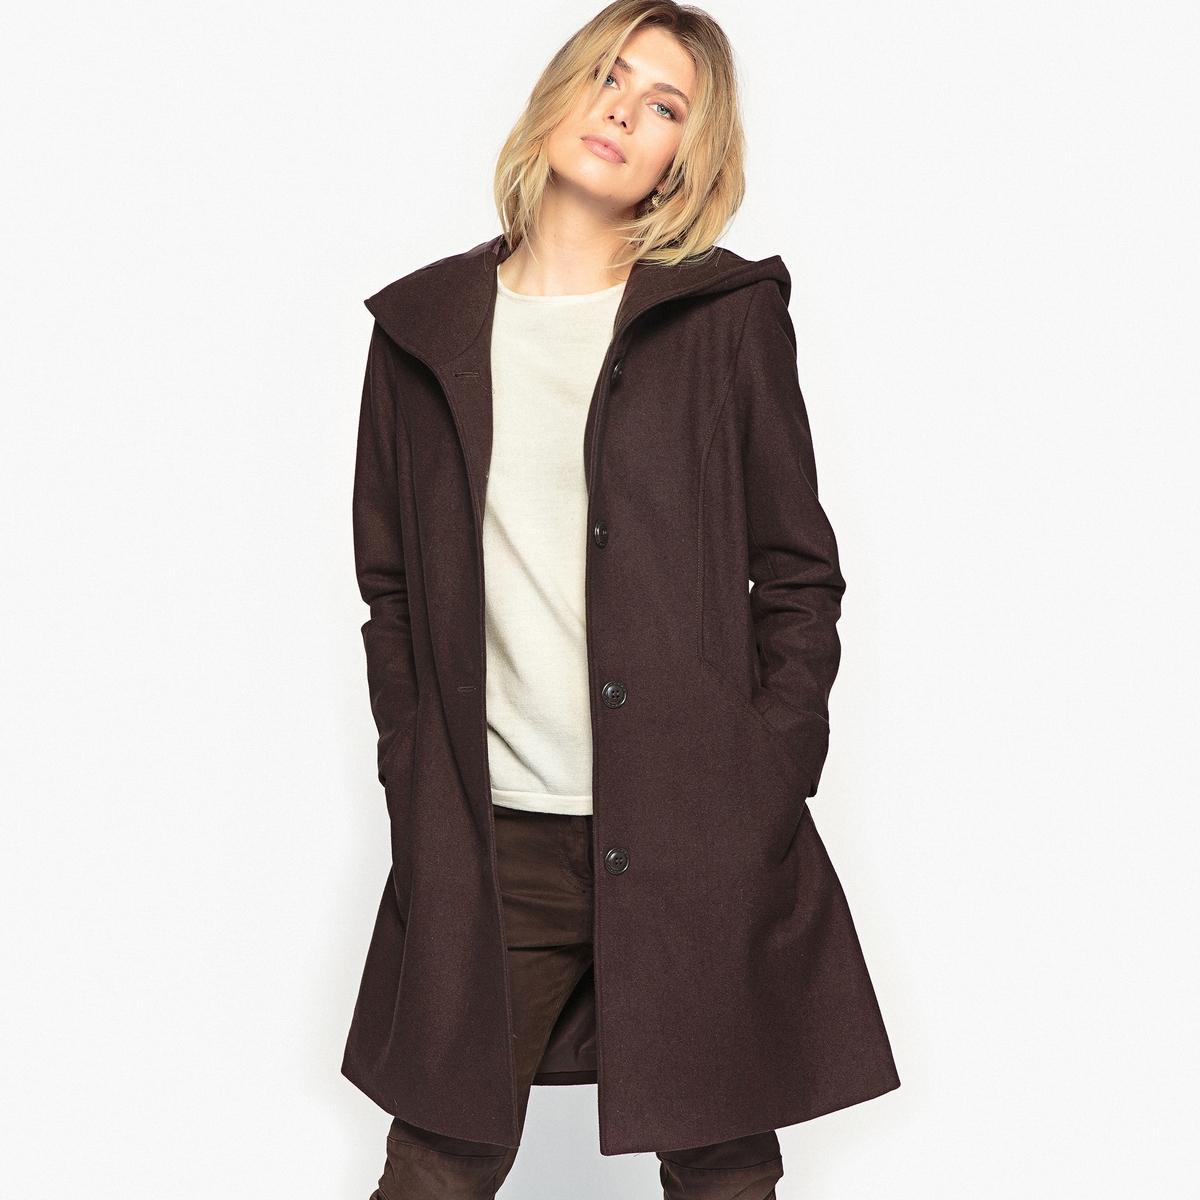 Пальто с капюшоном из ткани с преобладанием шерстиСостав и описание : Материал : качественный шерстяной драп, 57% шерсти, 33% полиэстера, 10% других волокон. Подкладка : 100% полиэстер.Длина 85 см. Марка : Anne WeyburnУход :Машинная стирка при 30 °С в умеренном режиме с изнаночной стороны с вещами схожих цветов .Рекомендуется сухая (химическая) чистка.Гладить при низкой температуре.<br><br>Цвет: каштановый